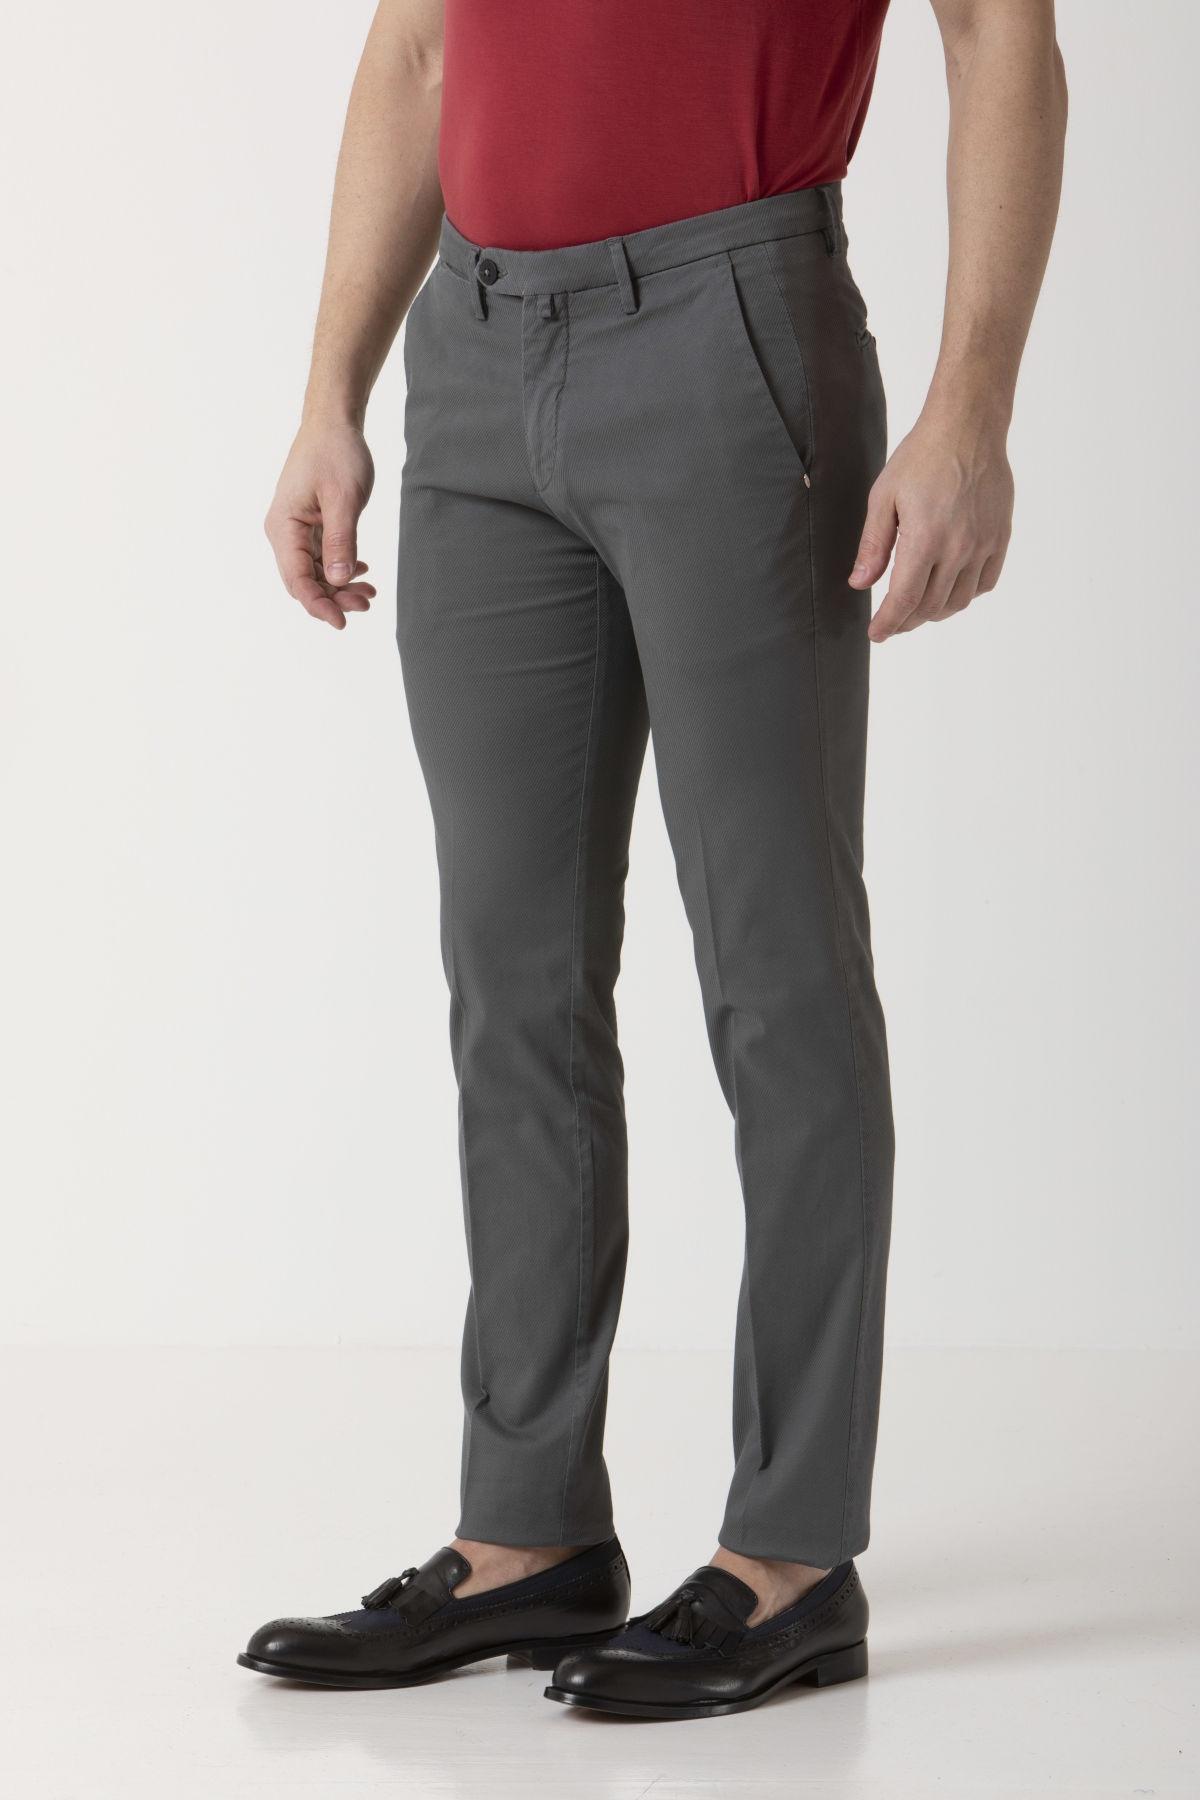 2d57cc8e3e Pantaloni RICKY per uomo MICHAEL COAL P/E 19